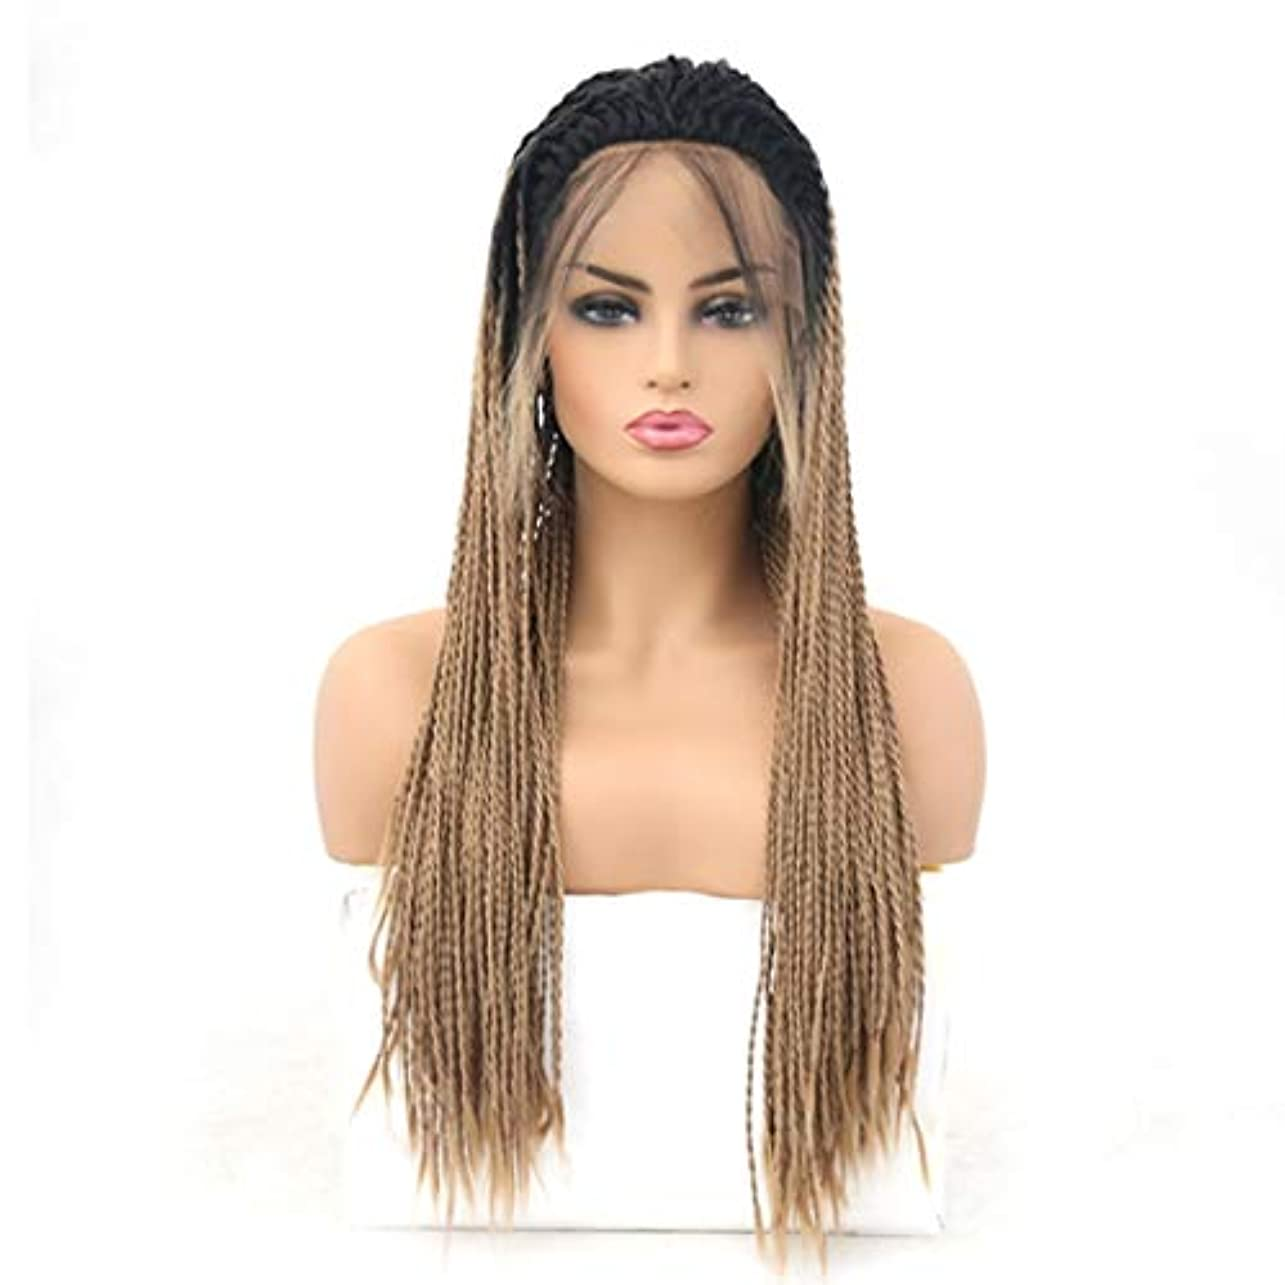 盗難床を掃除する弱まるKerwinner 女性のための前髪の毛髪のかつらとフロントレースグラデーションかつら耐熱合成かつら (Size : 26 inches)